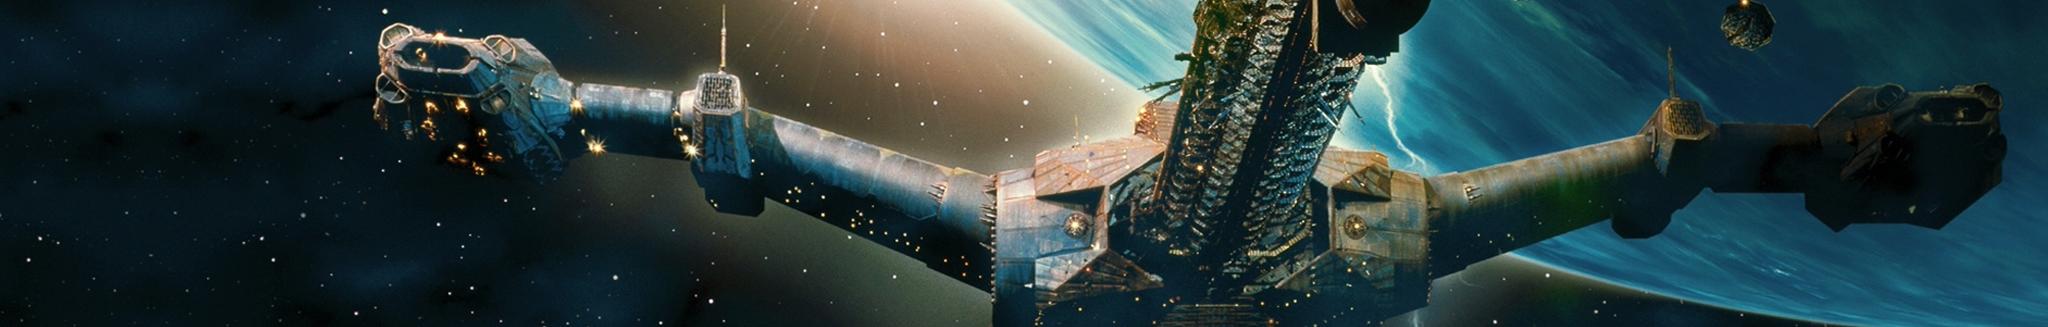 科幻Fans banner